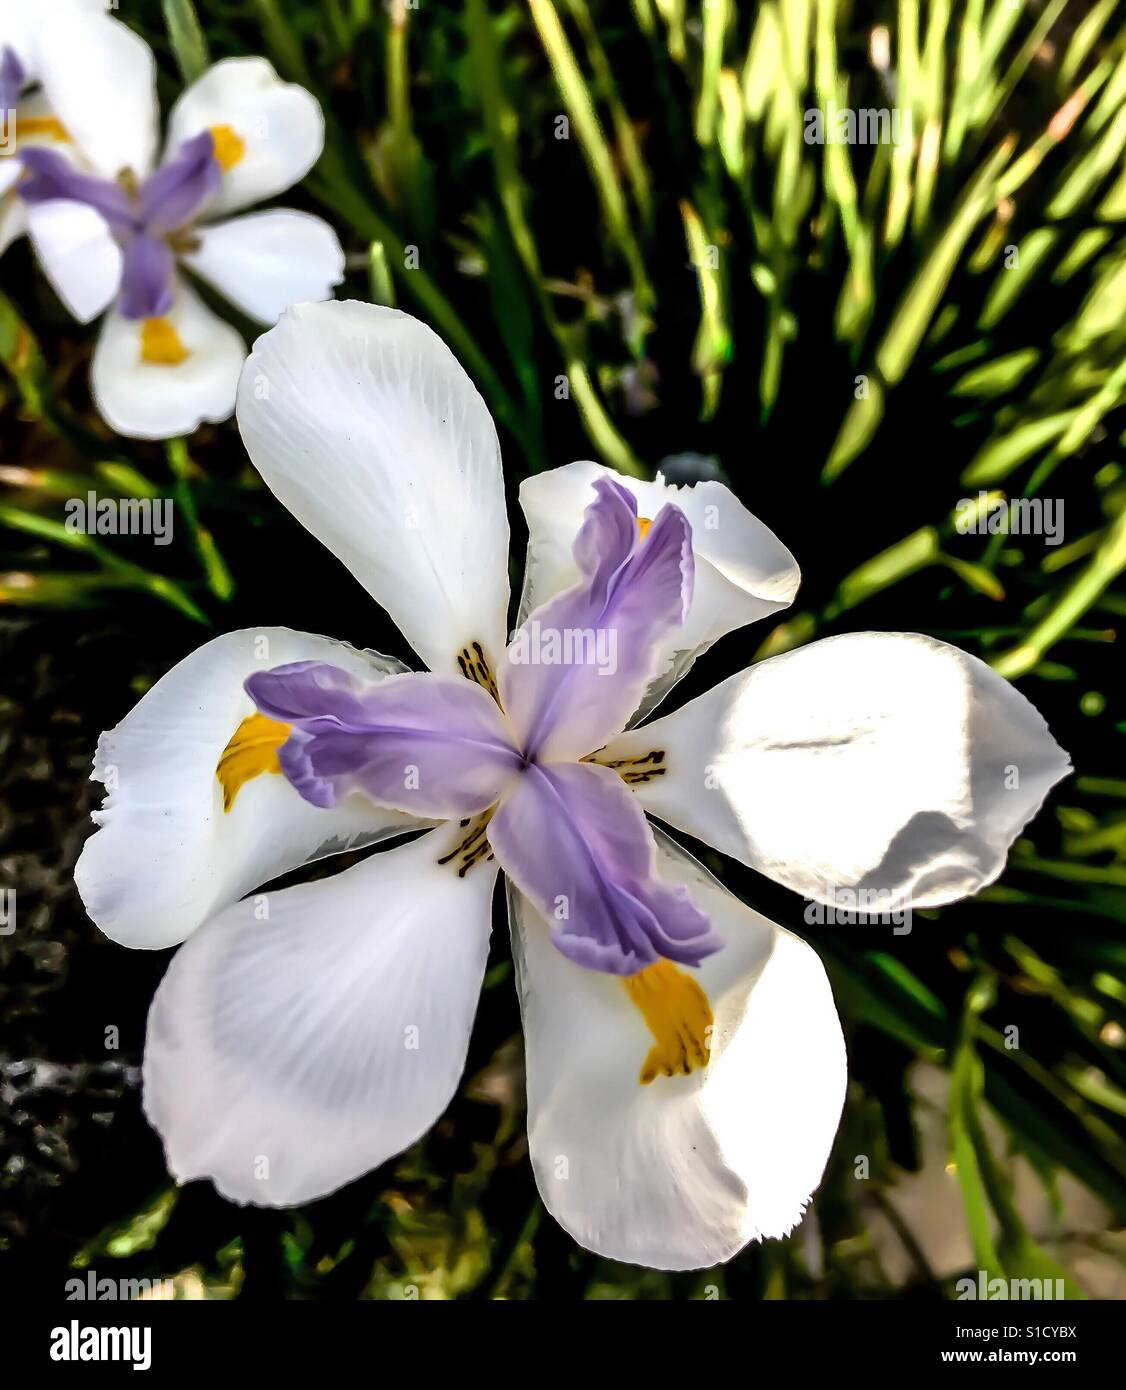 Iris Flower Garden Sunlight Stock Photos Iris Flower Garden